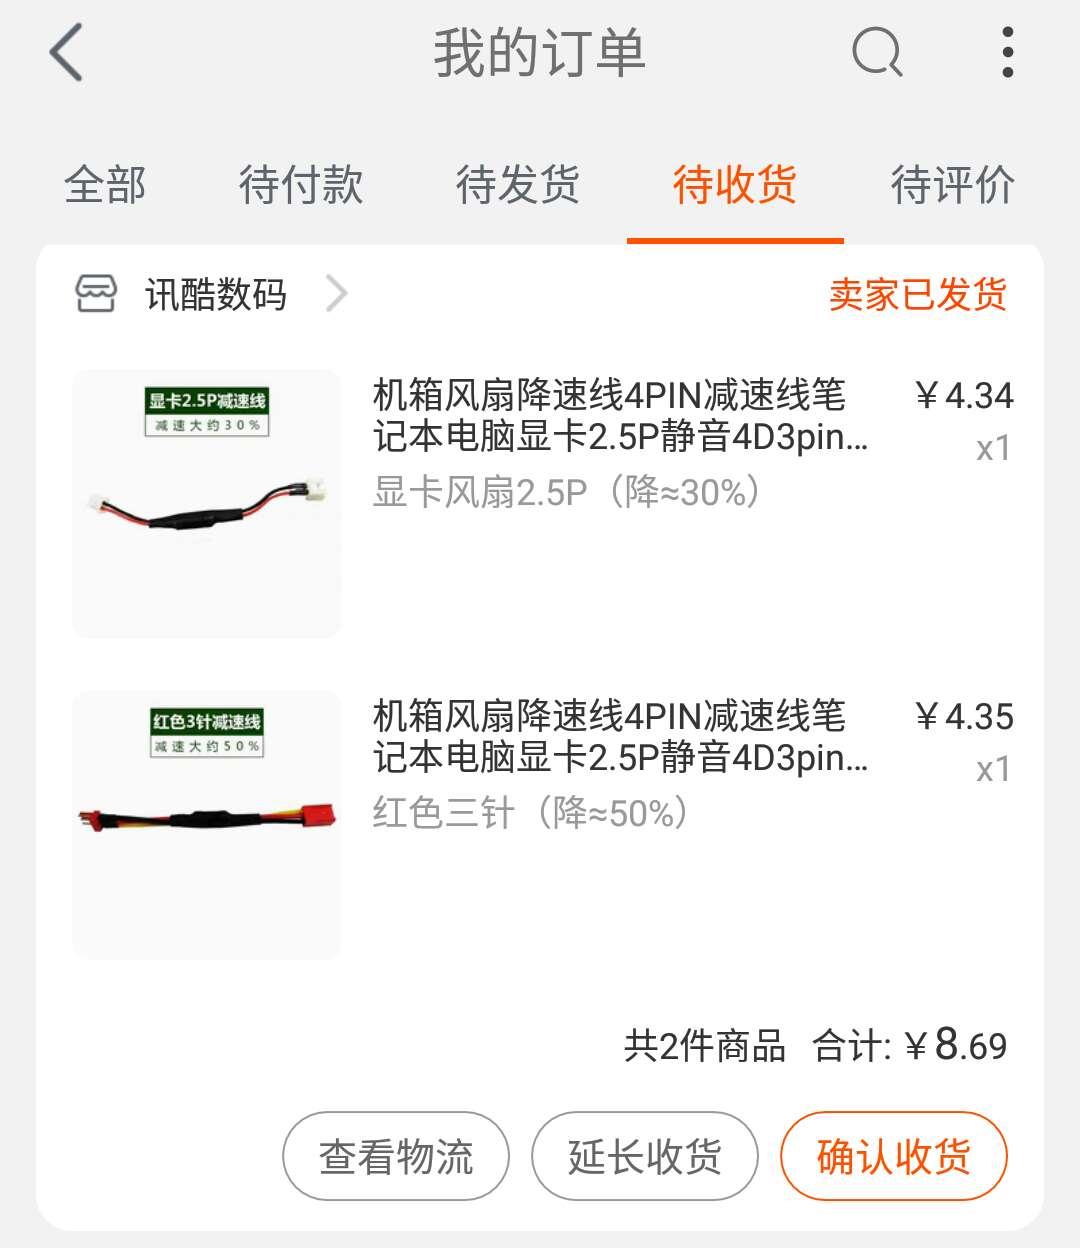 星际蜗牛C款i211网卡服务器(第二篇)改造风扇篇 互联网IT 第1张